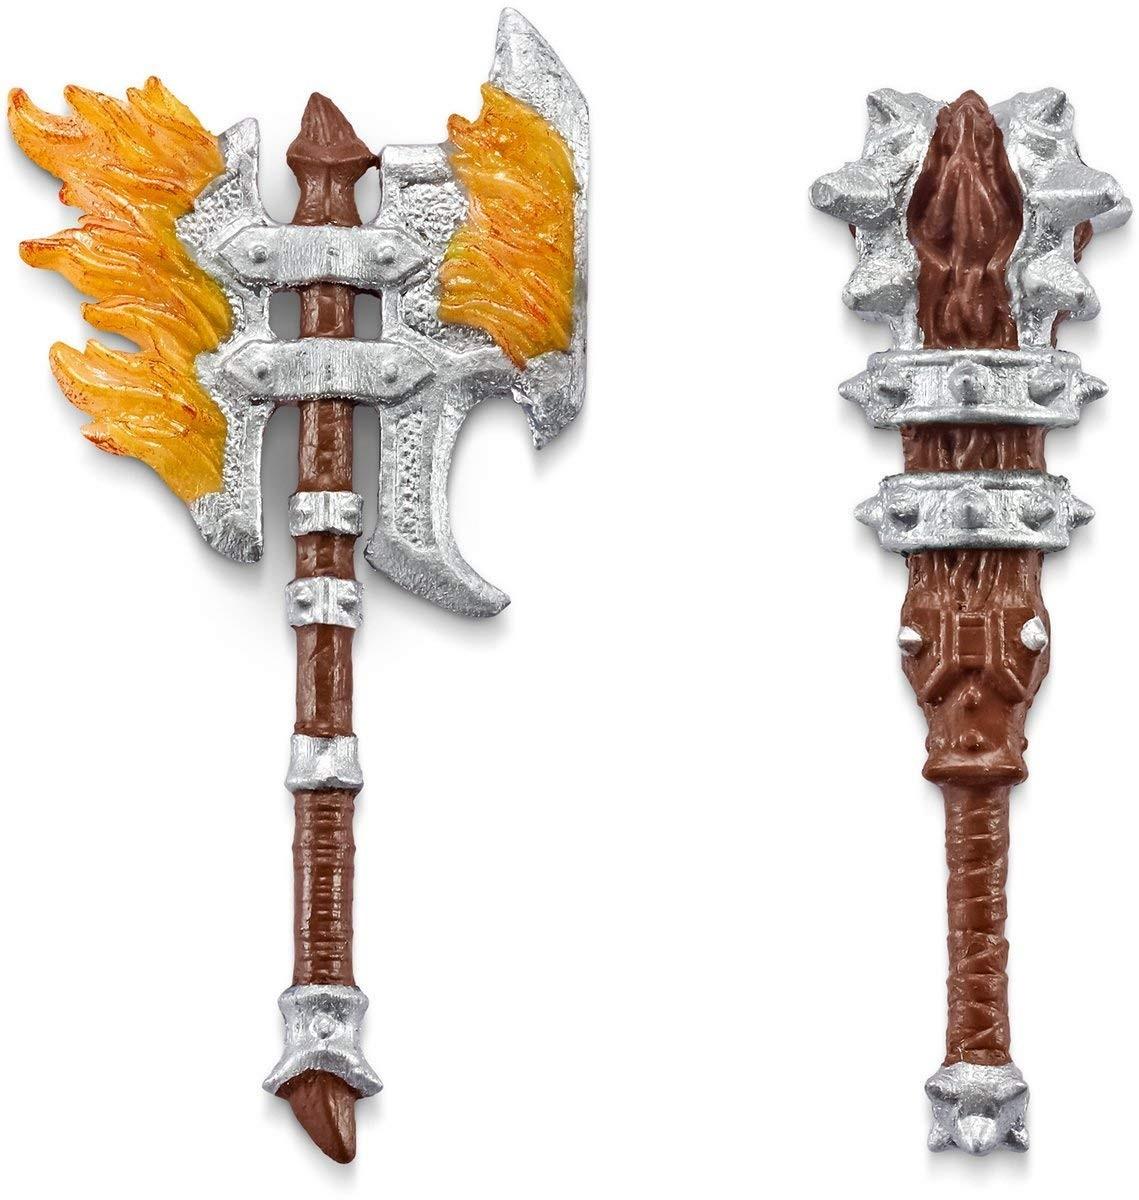 SCHLEICH eldrador 70122 Drago Cavalieri xyrok eroe con arma cavaliere NUOVO OVP